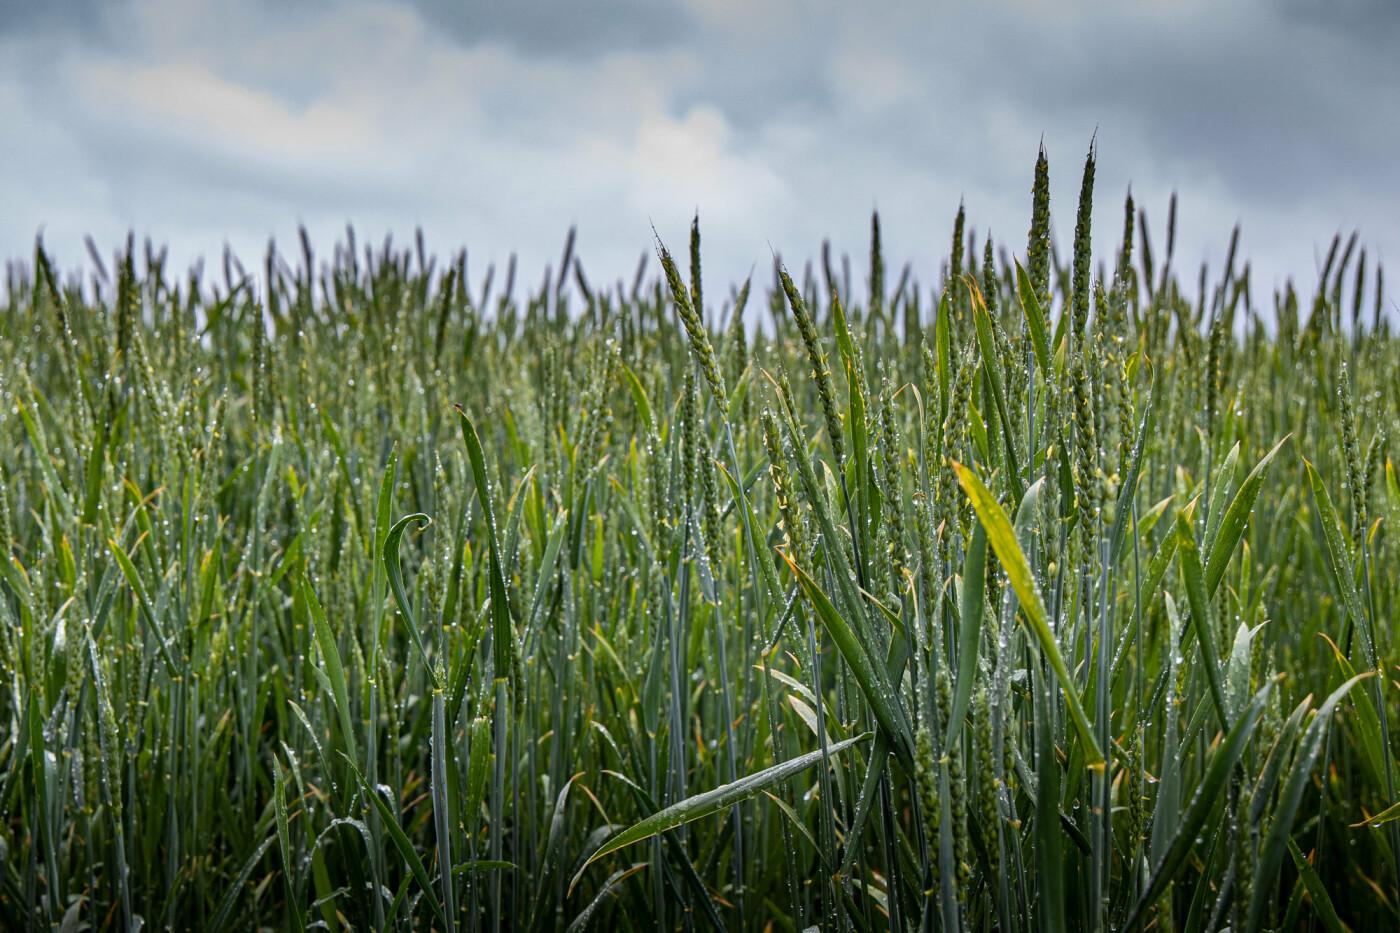 На Днепропетровщине растения пережили плохую погоду: 90% в удовлетворительном состоянии , фото-1